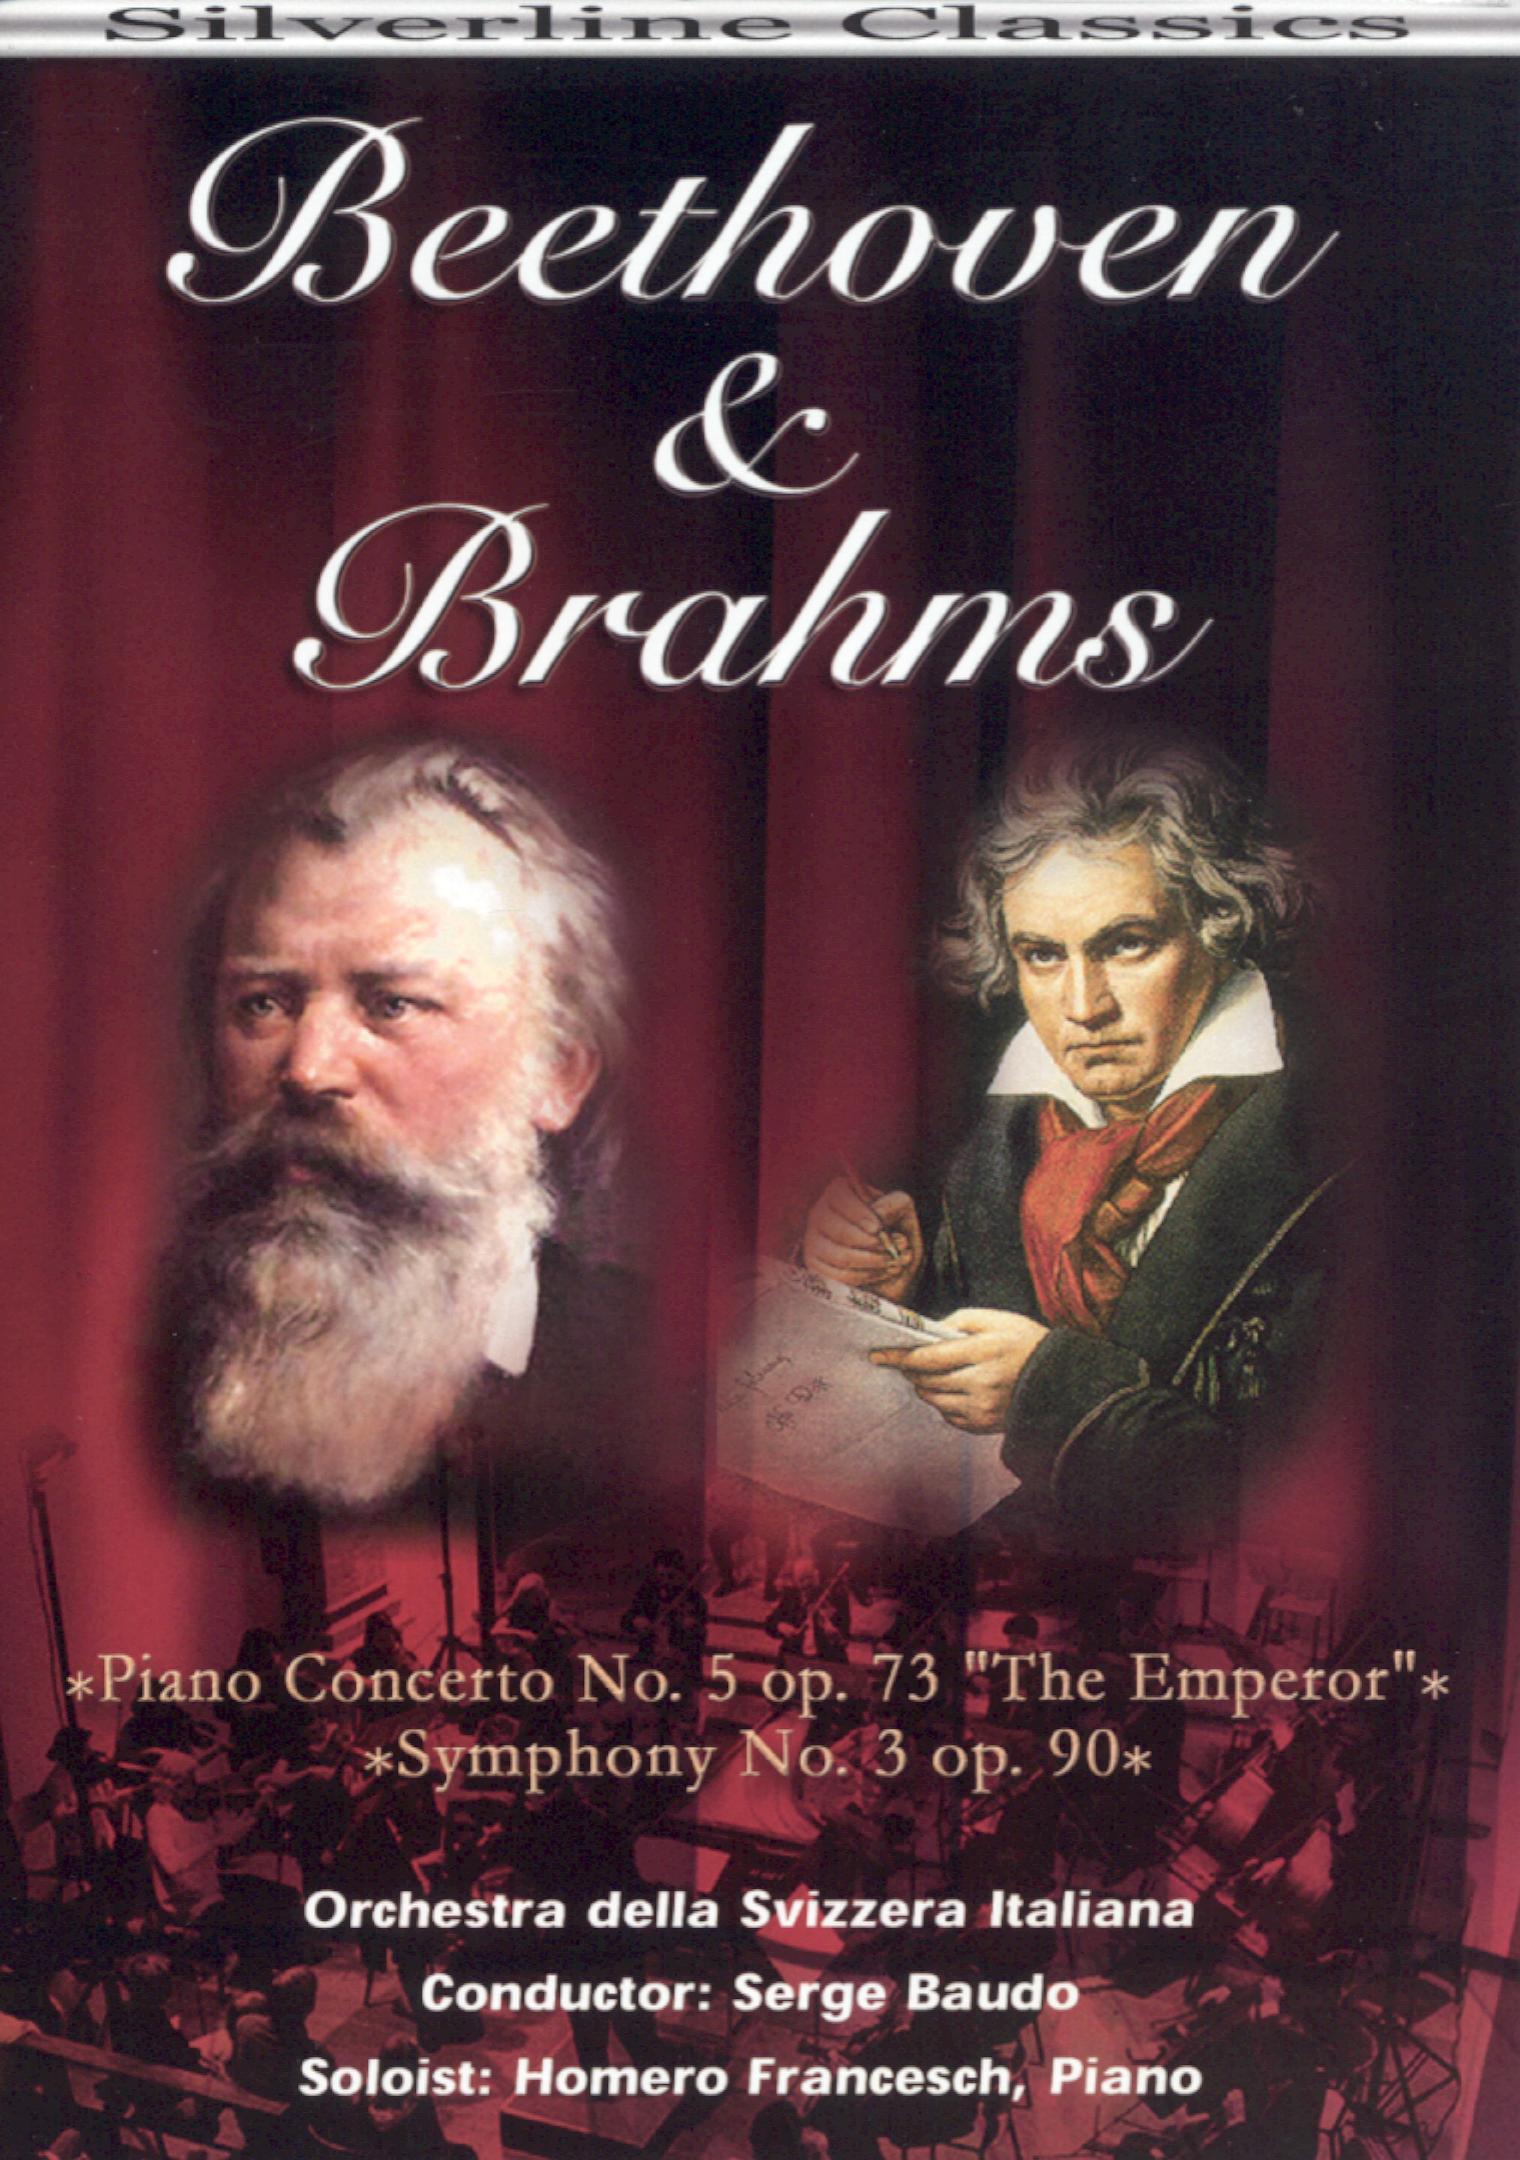 Orchestra della Svizzera Italiana: Beethoven & Brahms